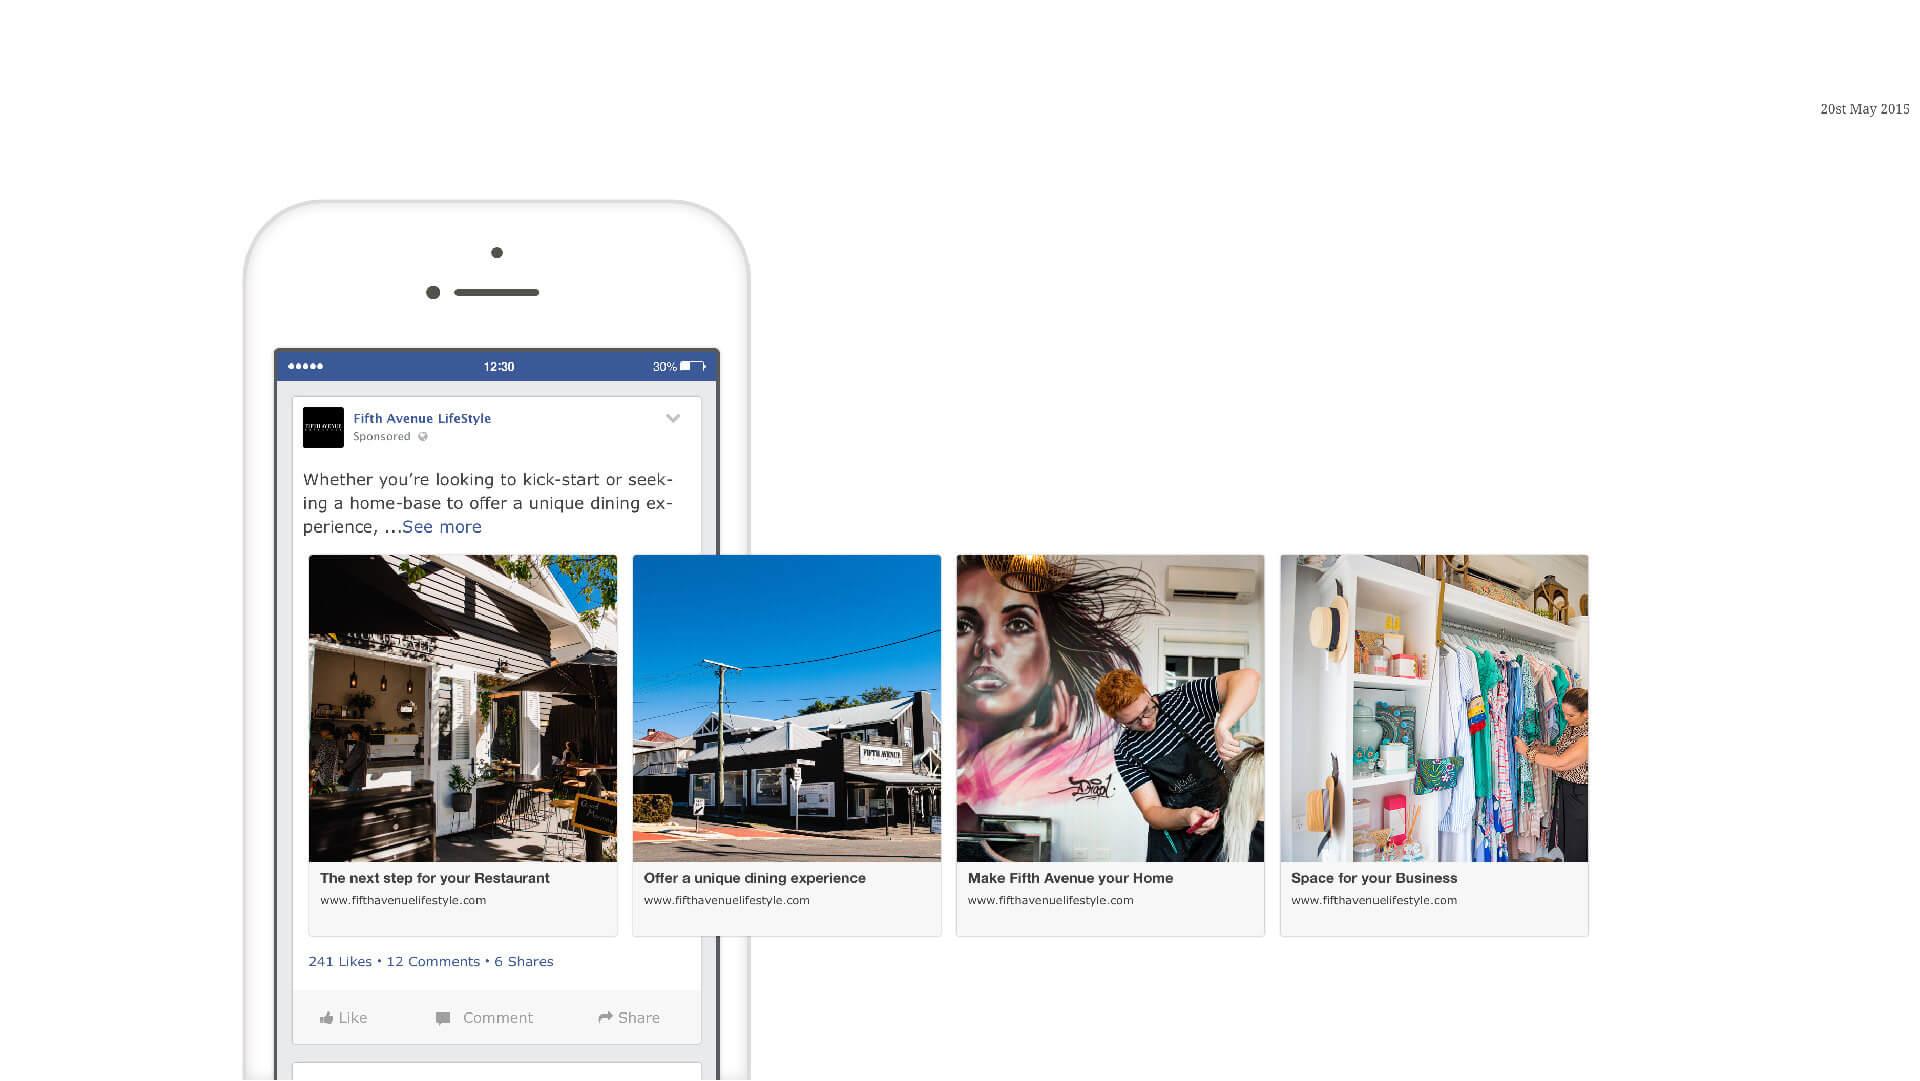 Fifth Avenue Lifestyle Digital Marketing